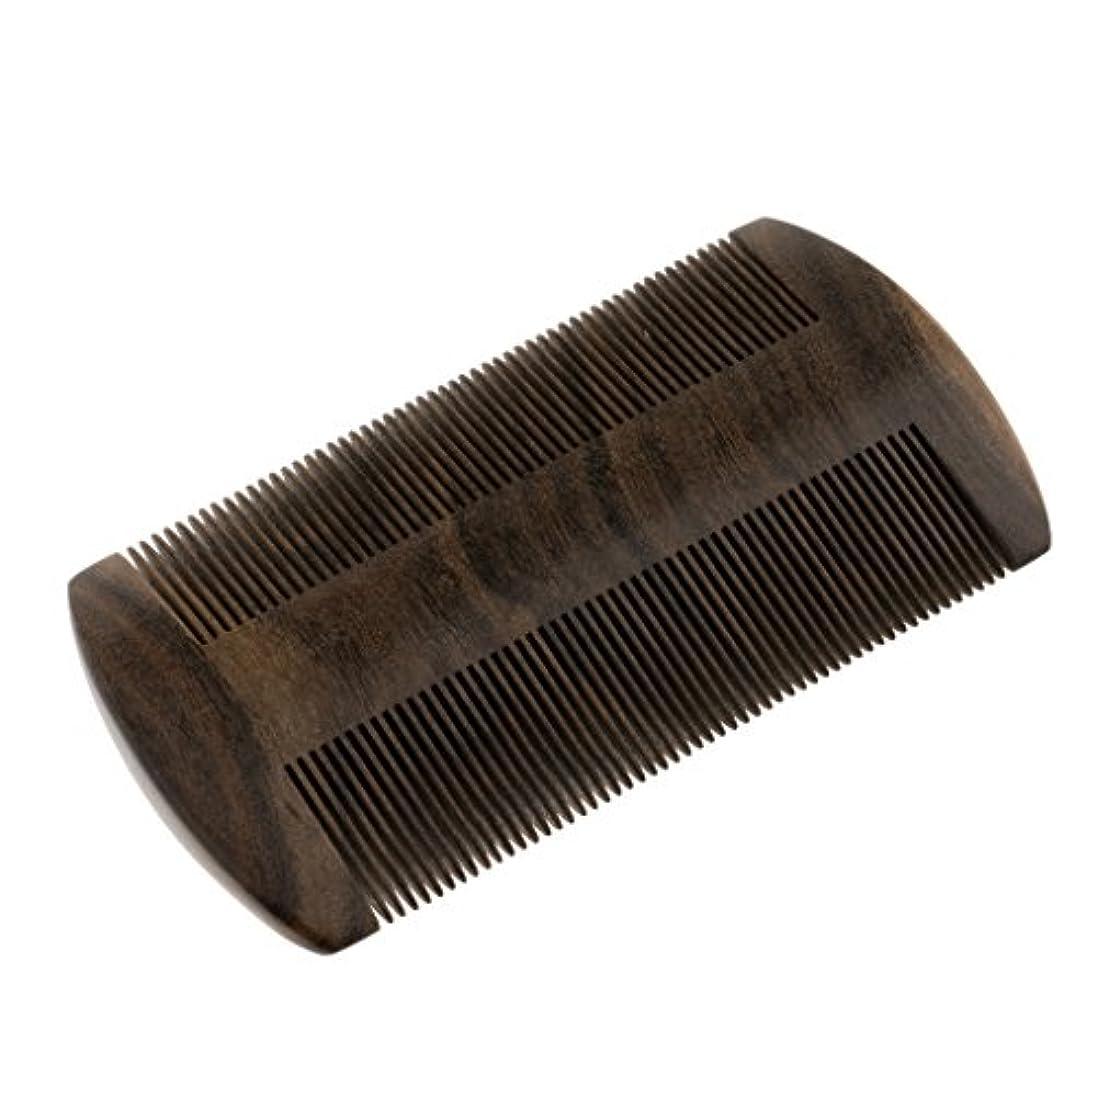 訴えるシャーテザーToygogo チャケートプレトダブルデンスティースヘアブラシ帯電防止ひげ口ひげくし